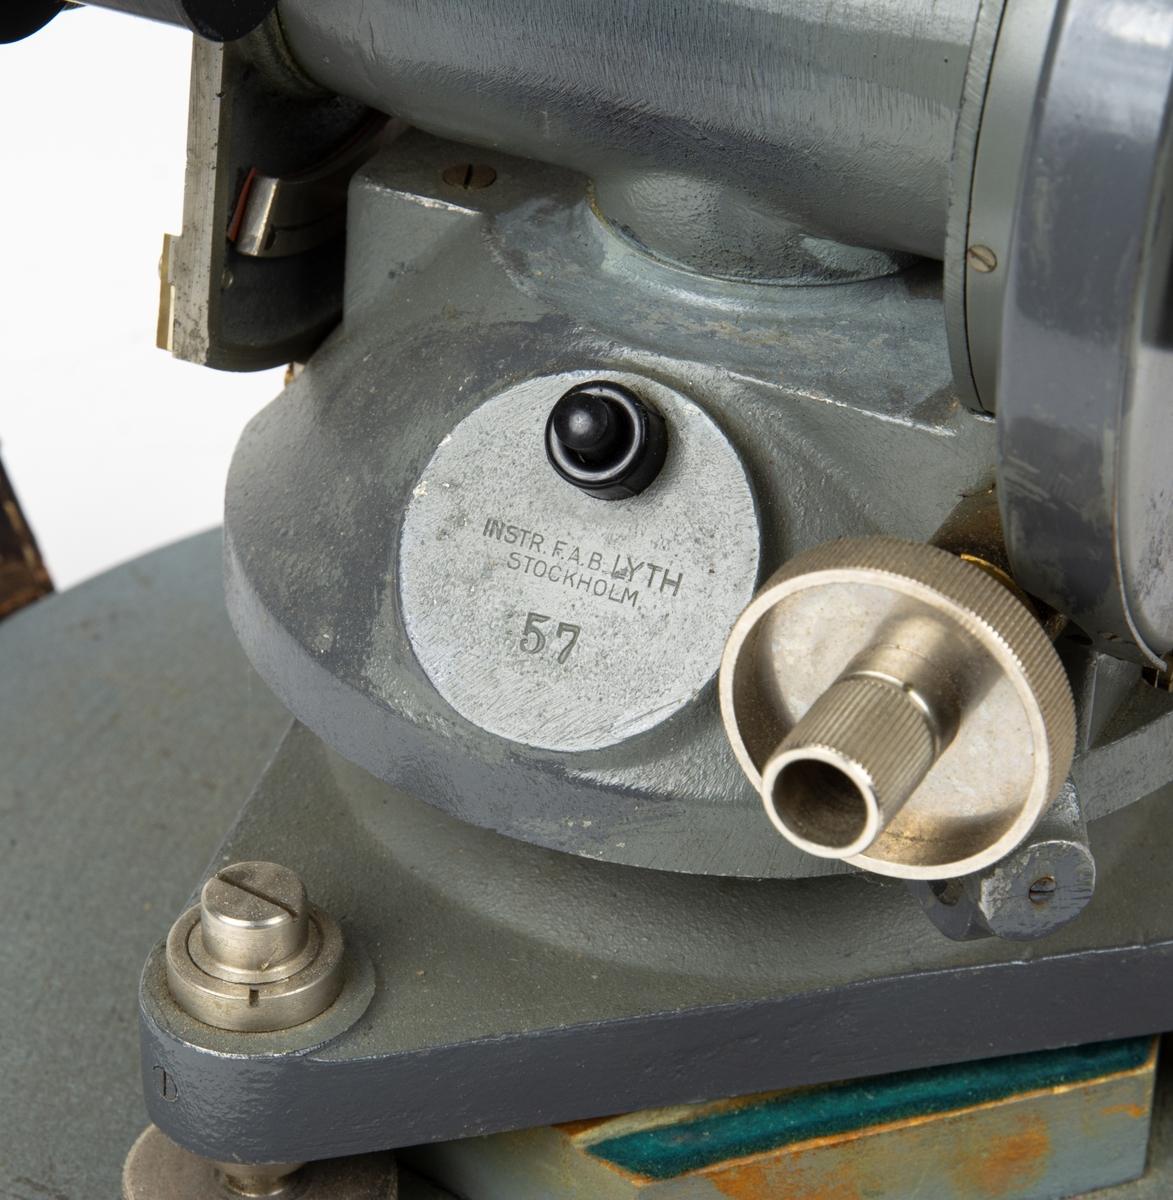 Kikarinstrument monterat på platta. Instrumentet har belysningsknapp för belysning i ockular. Instrumentet har en huva/hölje av grå metall. Över huven går en rem i skinn som knäpps med spänne fastsatta i bottenplattan. Skinnremen över huven är inte original, skinnbitarna i spännet är original.